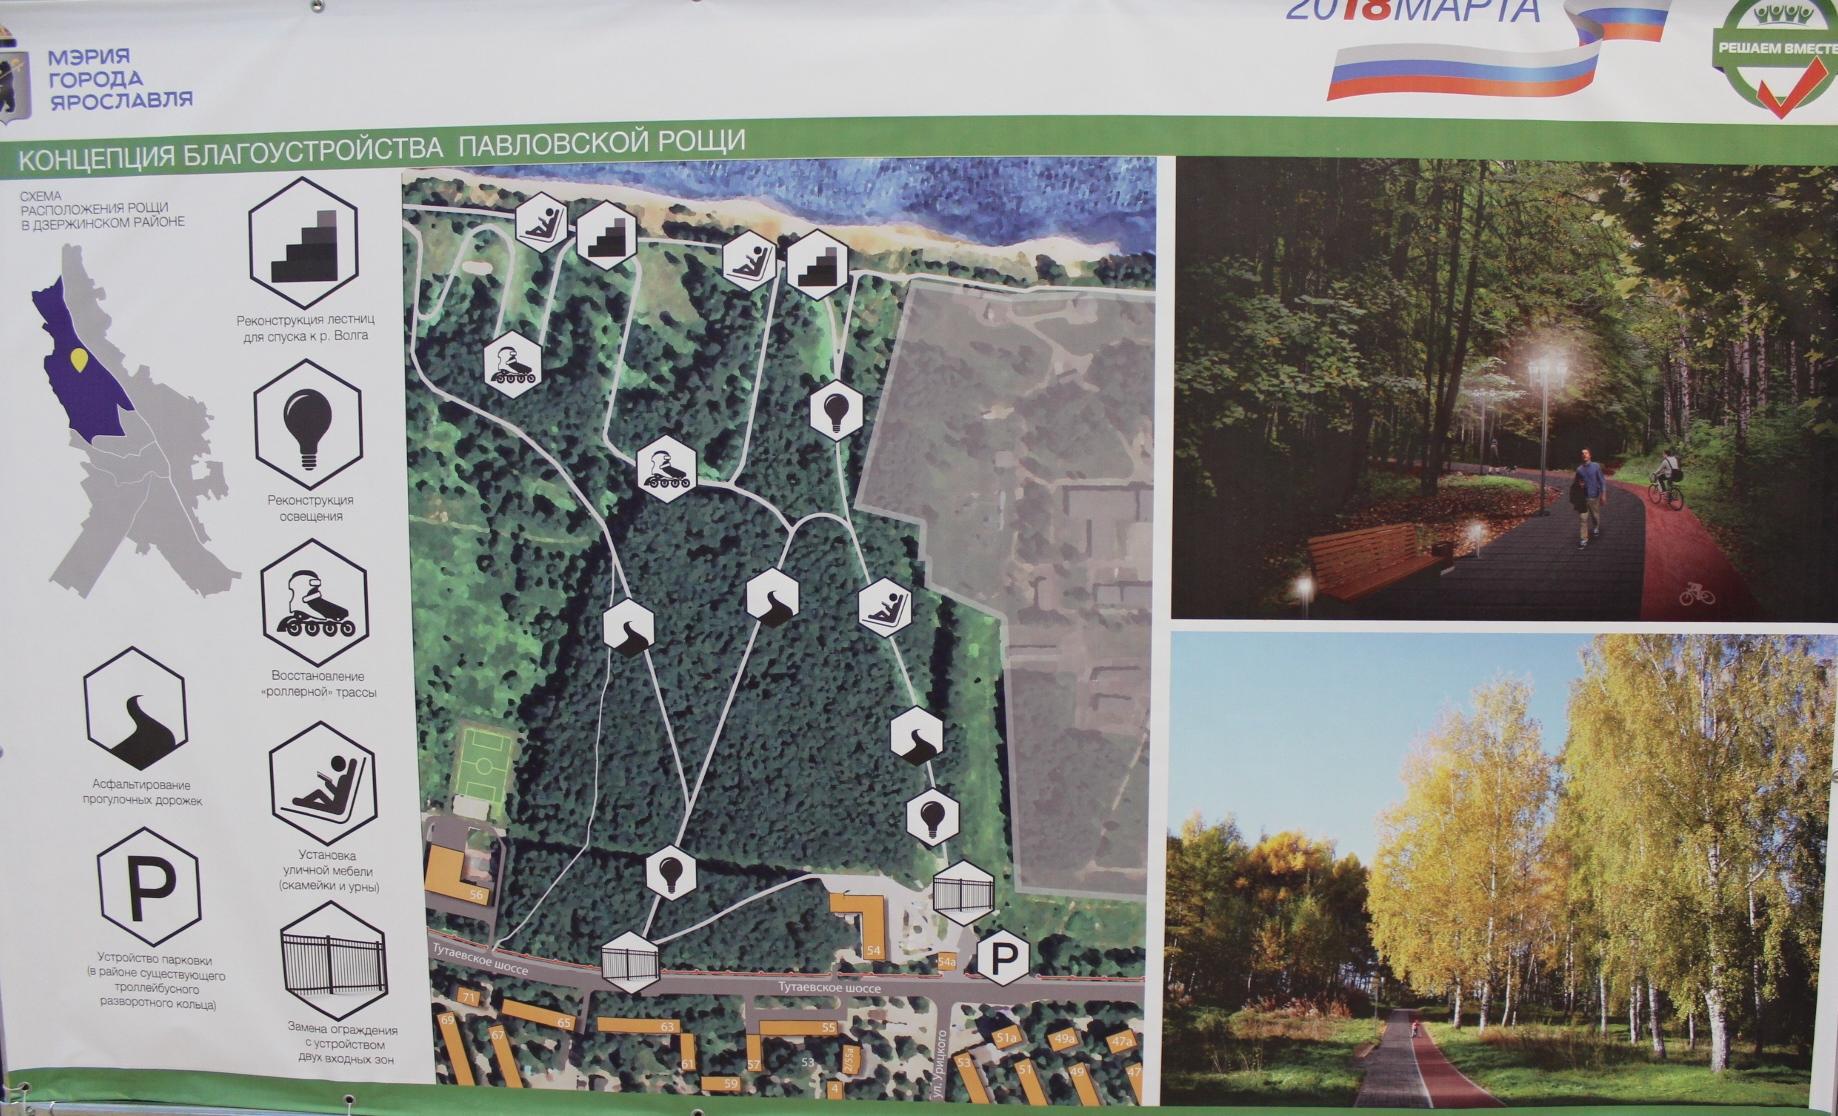 Ярославцы могут выбрать, как благоустроят Павловскую рощу и парк Судостроителей